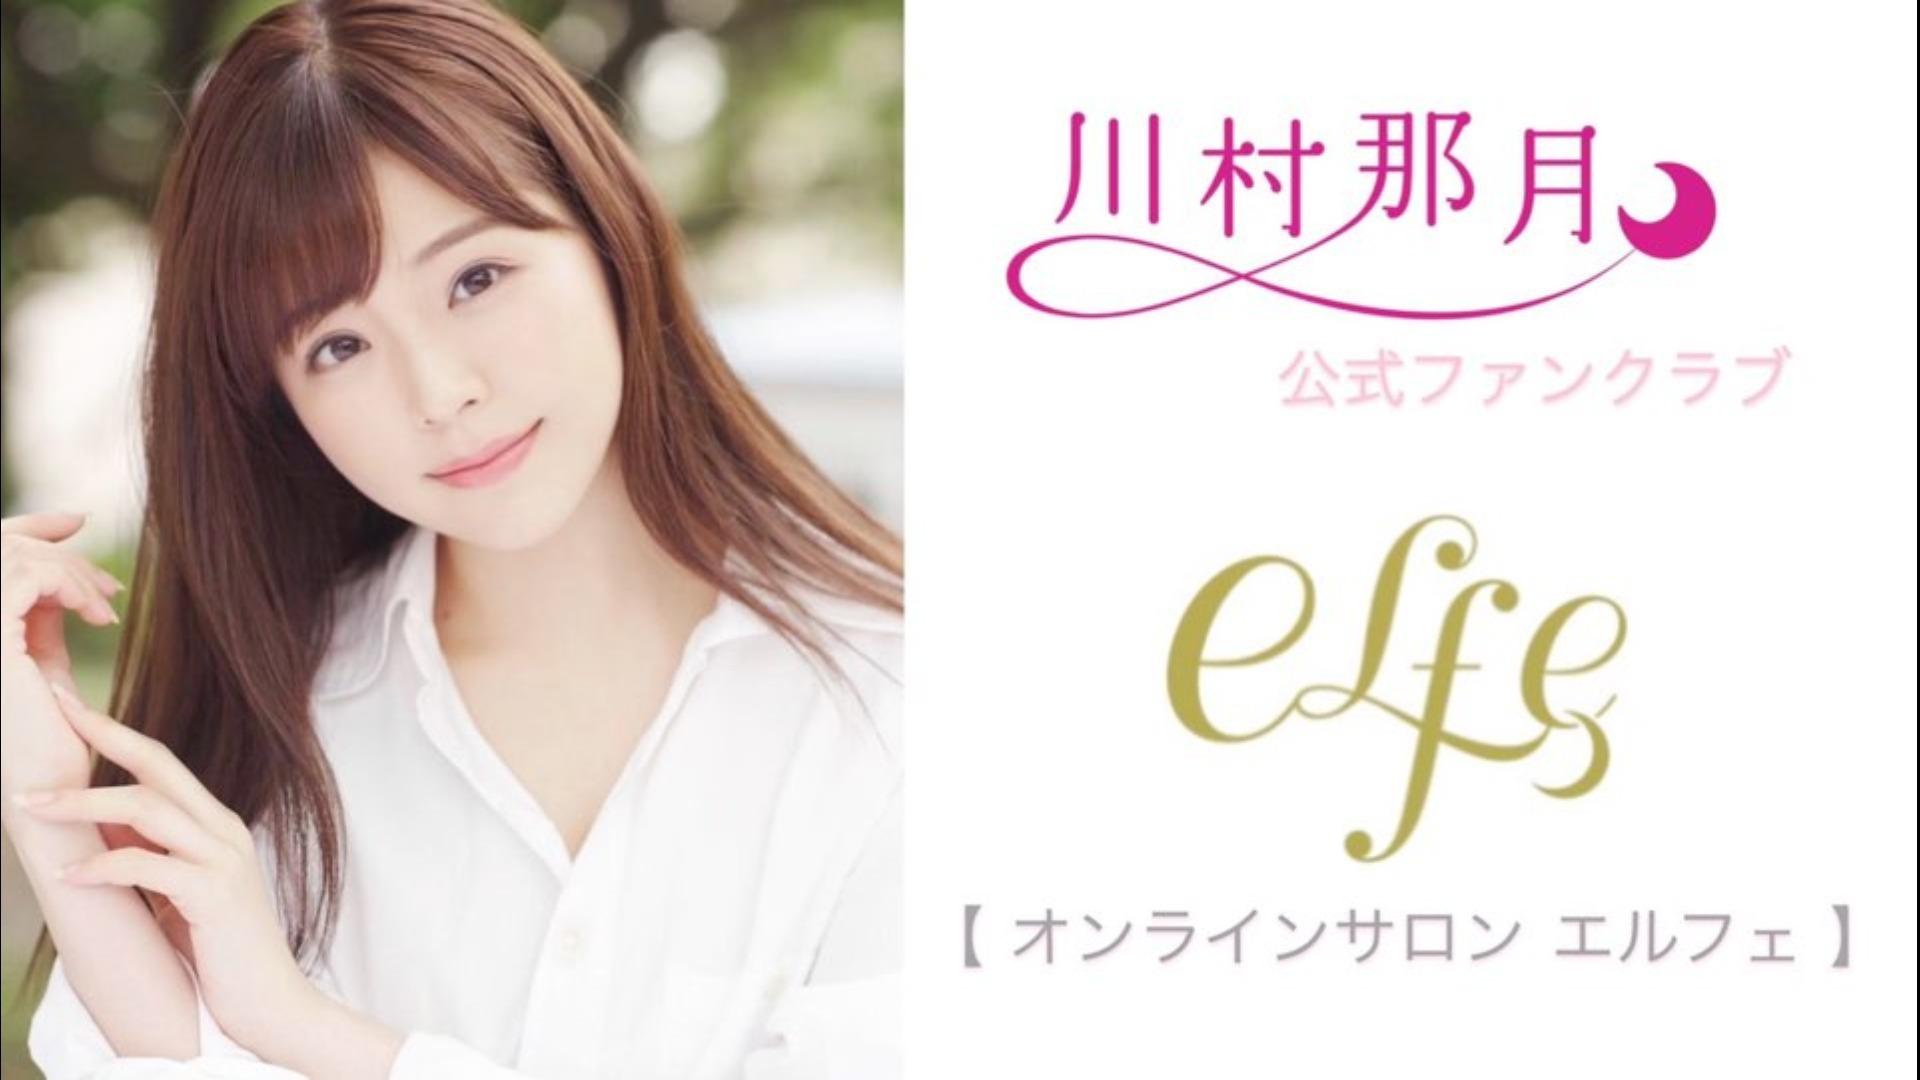 川村那月オンラインサロン「ELFE」エルフェ